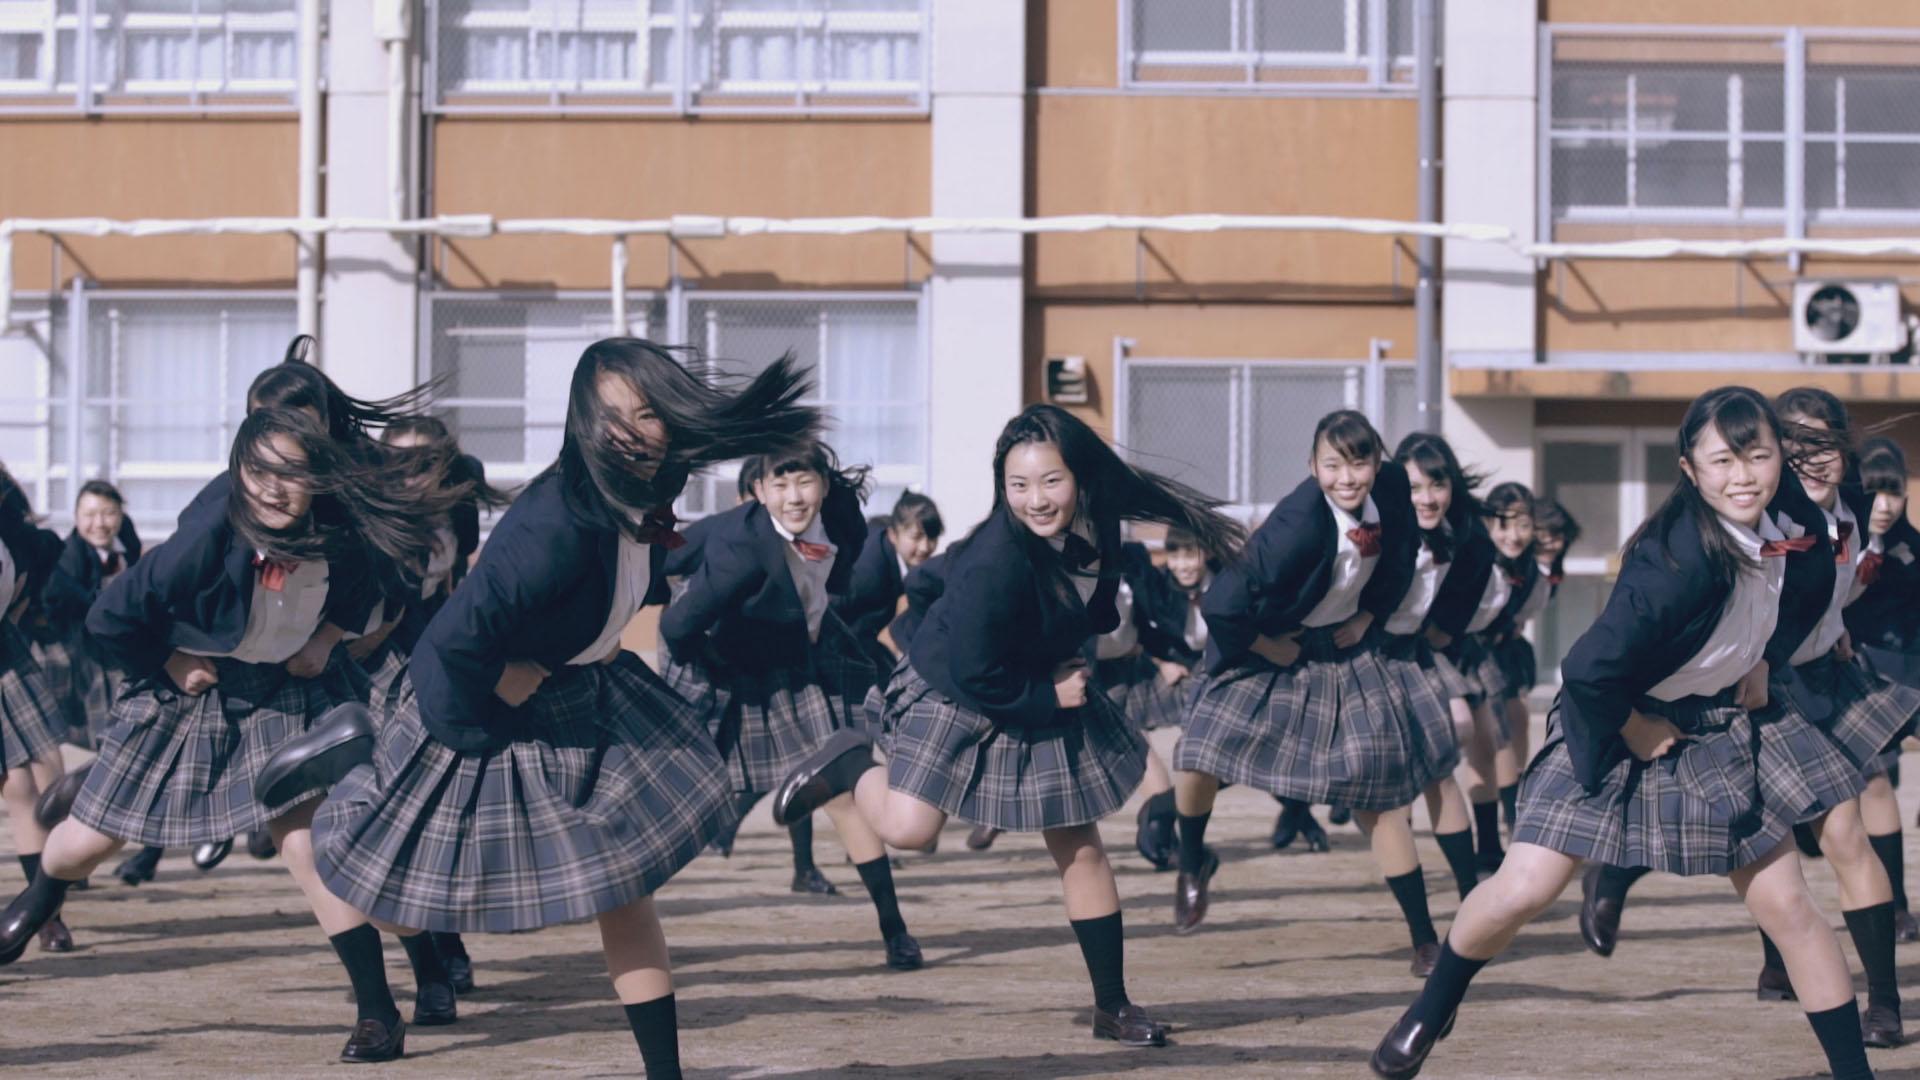 ダンス ダンス 登美 バブリー 高校 部 丘